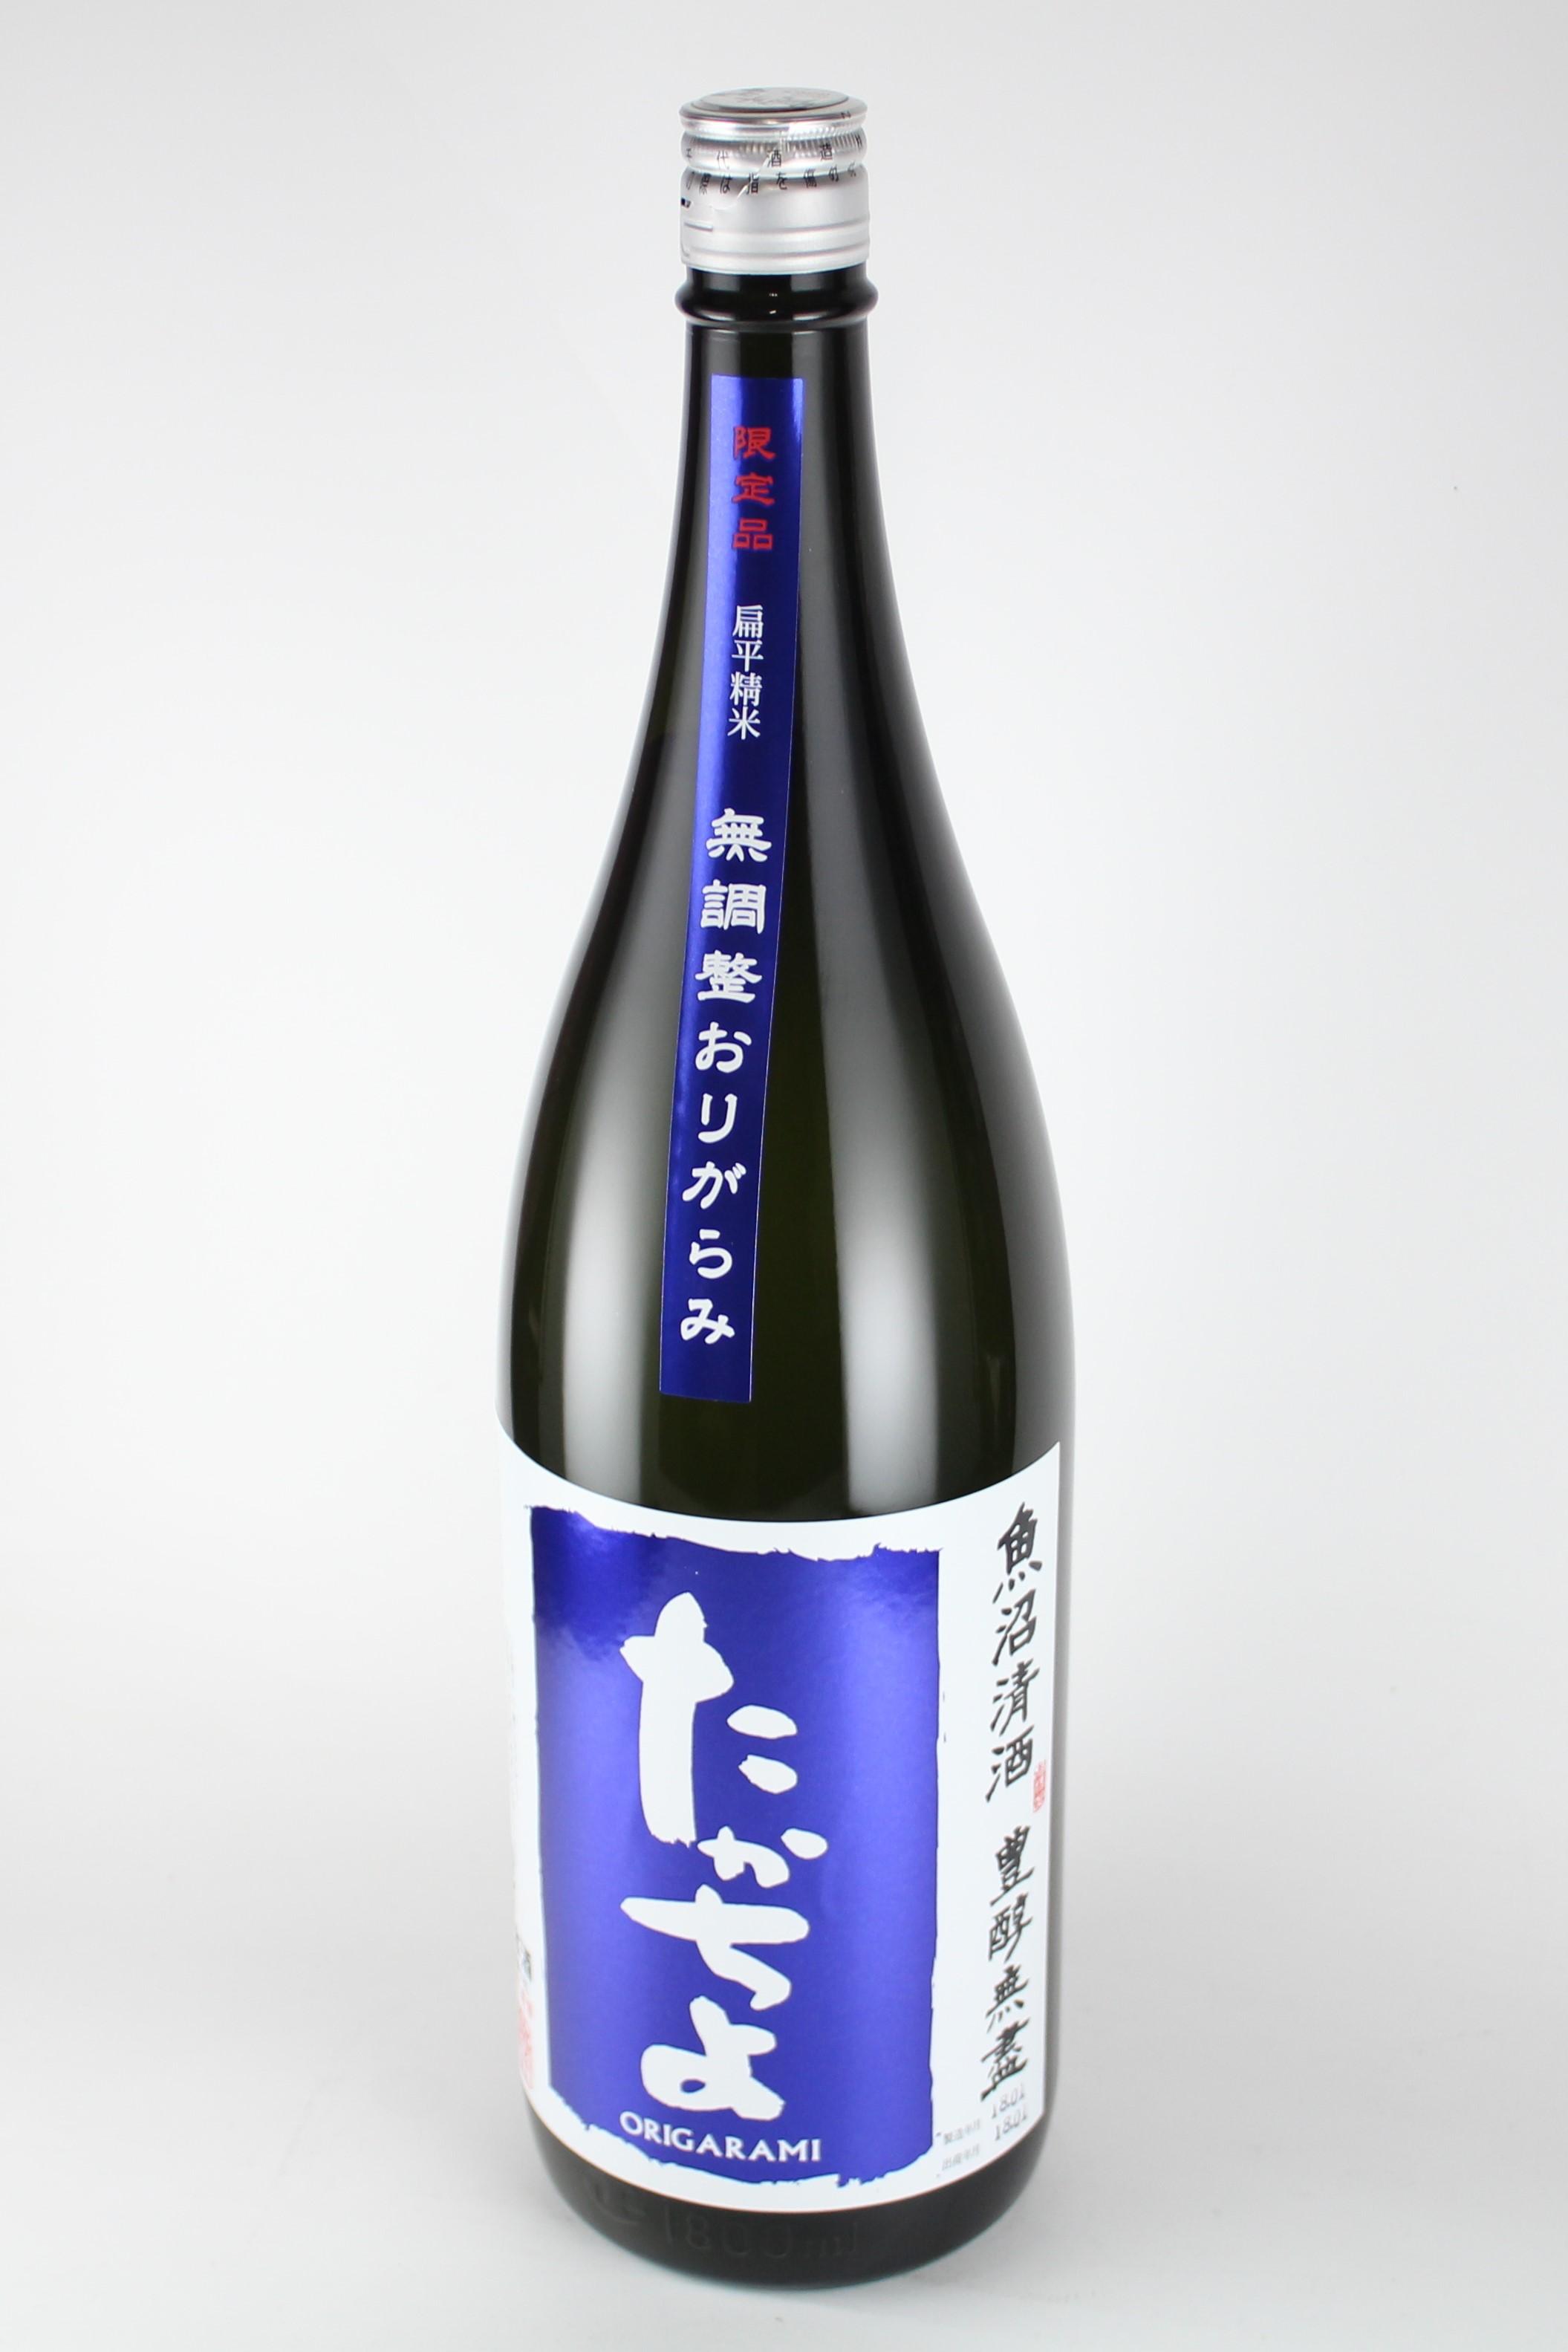 豊醇無盡たかちよ 青ラベル 純米おりがらみ 1800ml 【新潟/高千代酒造】